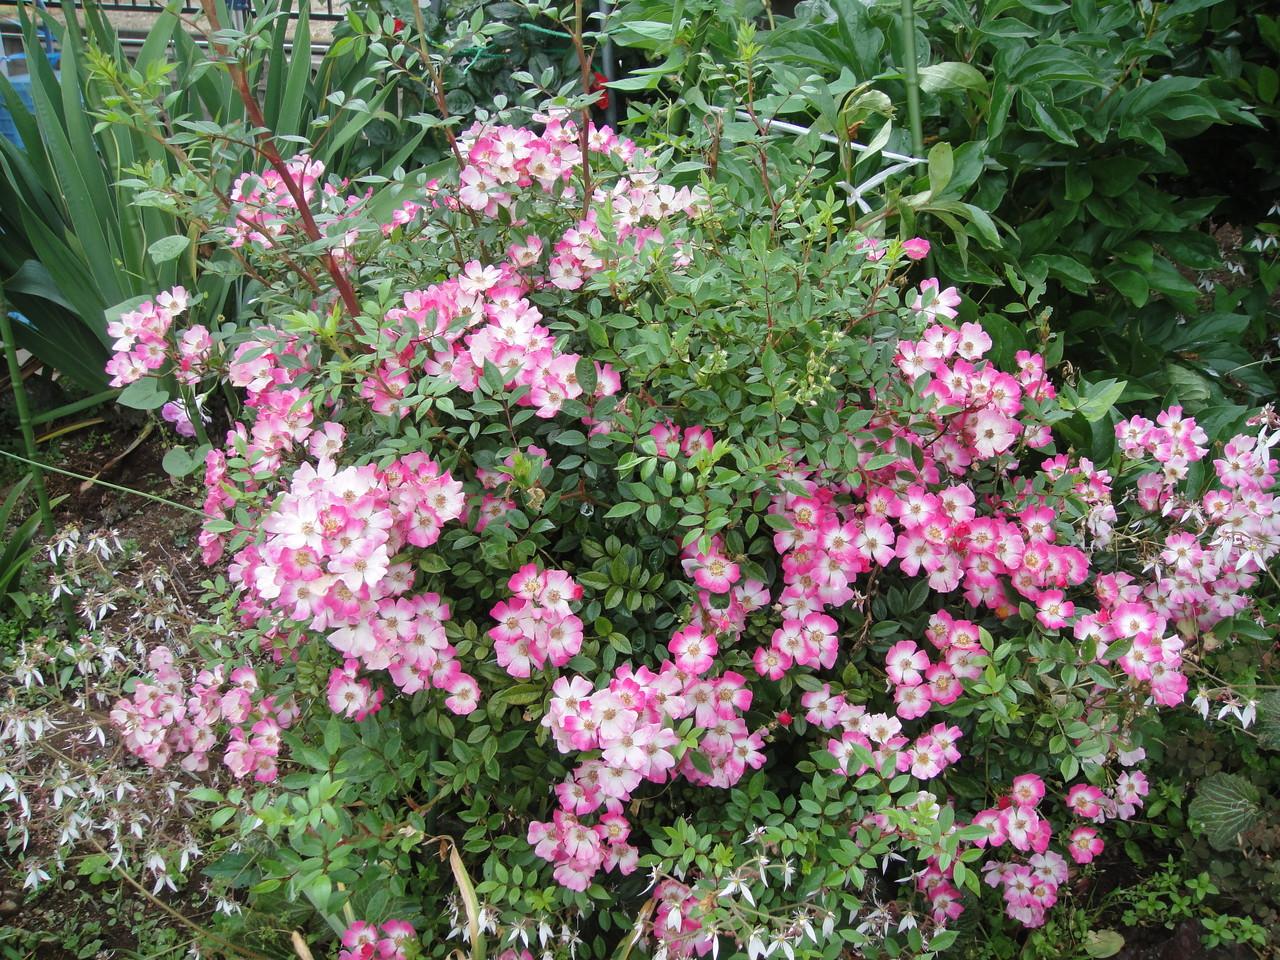 やっぱりバラは、消毒しないと綺麗に咲いてくれませんね。